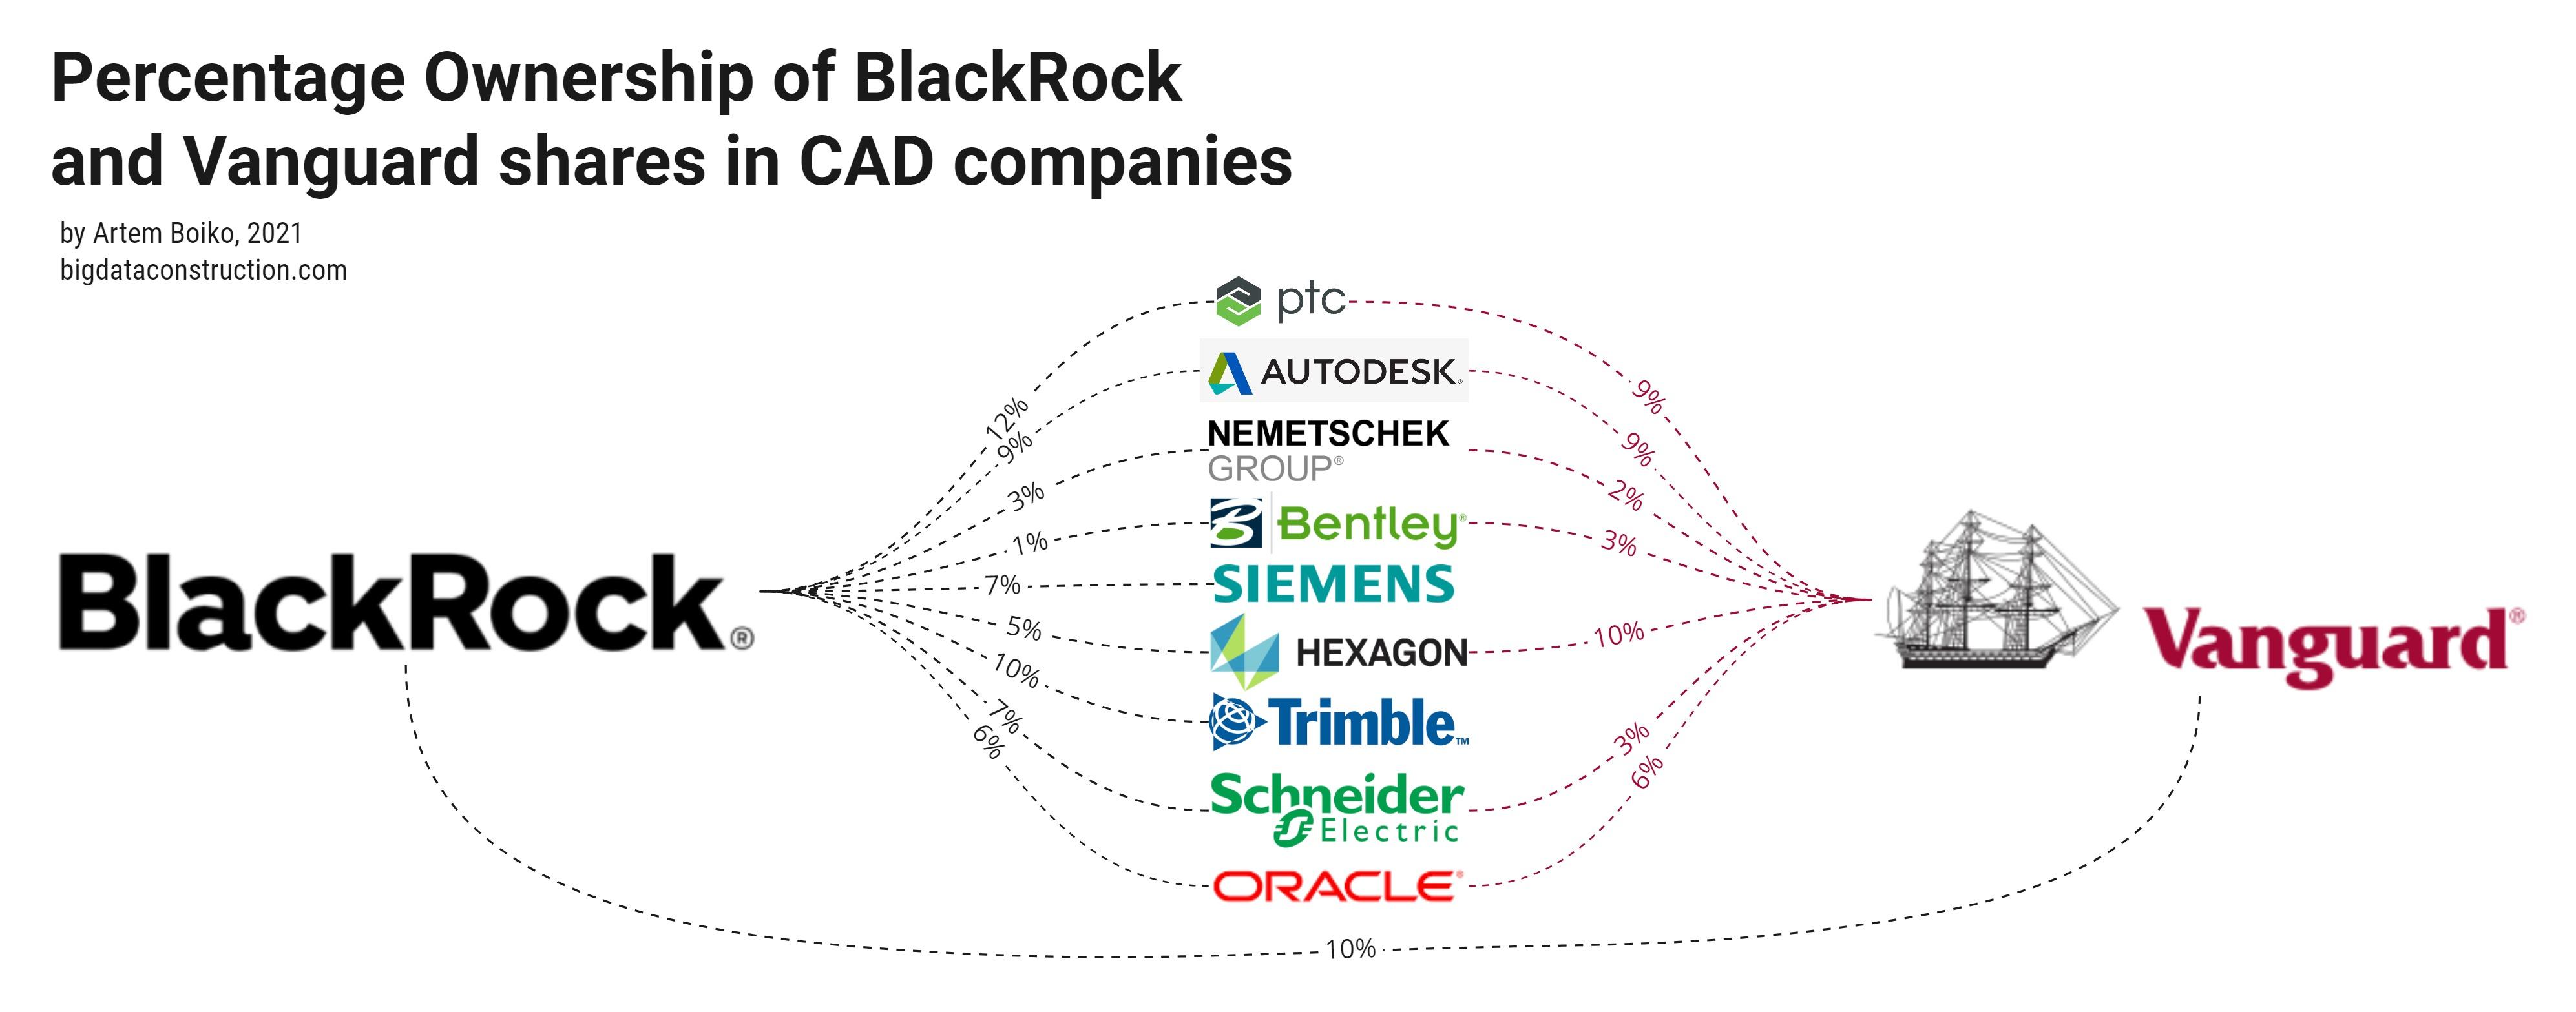 Доля владения акциями BlackRock и Vanguard в компаниях САПР